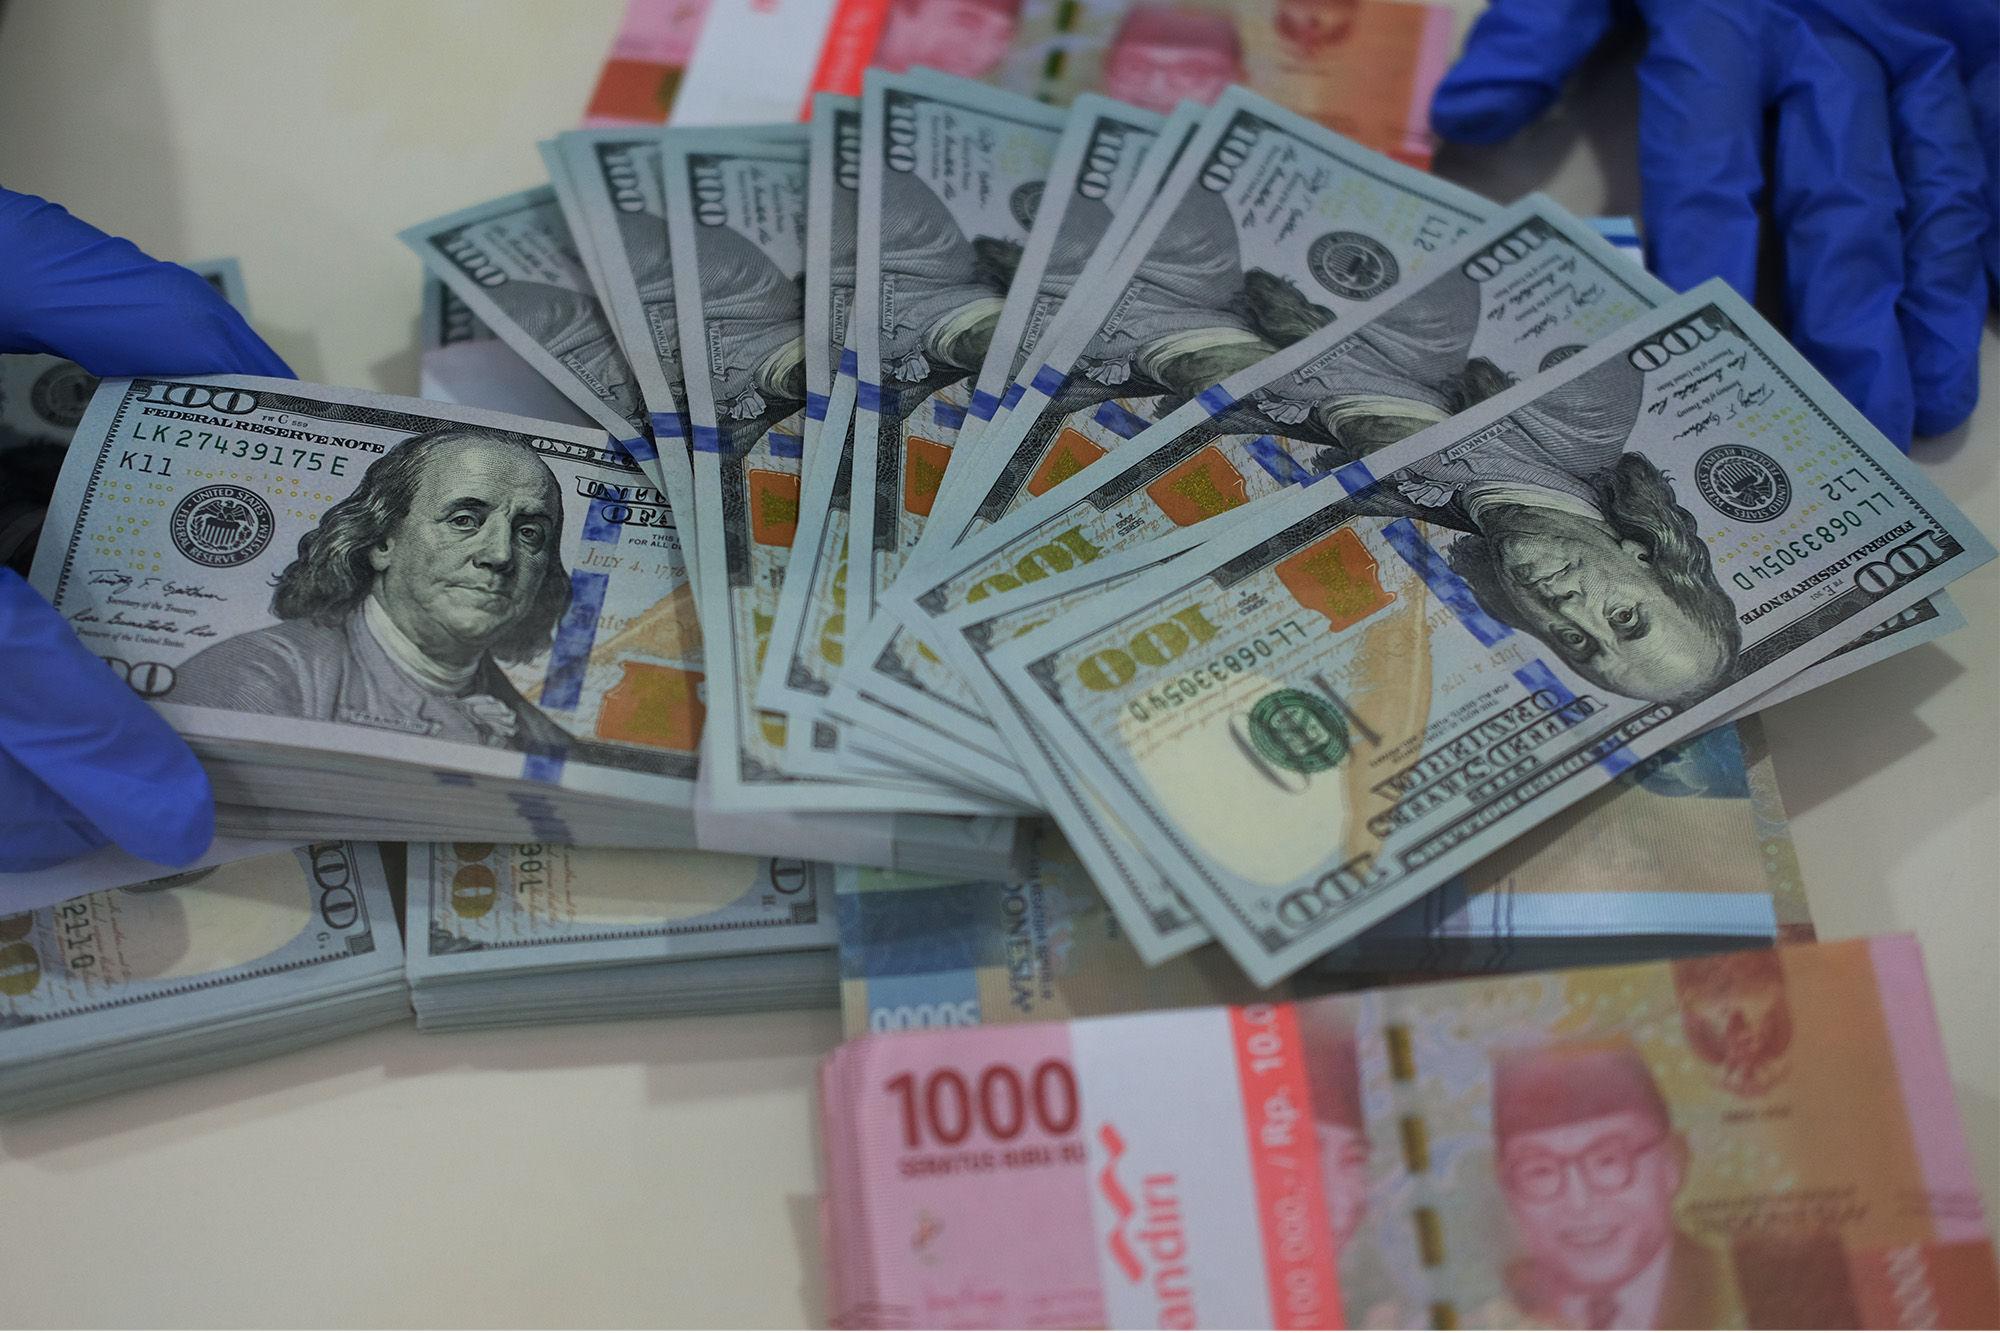 The Fed Sulit Tapering Off Akibat Lonjakan Kasus COVID-19, Pasar Obligasi Pemerintah Indonesia Semakin Diuntungkan